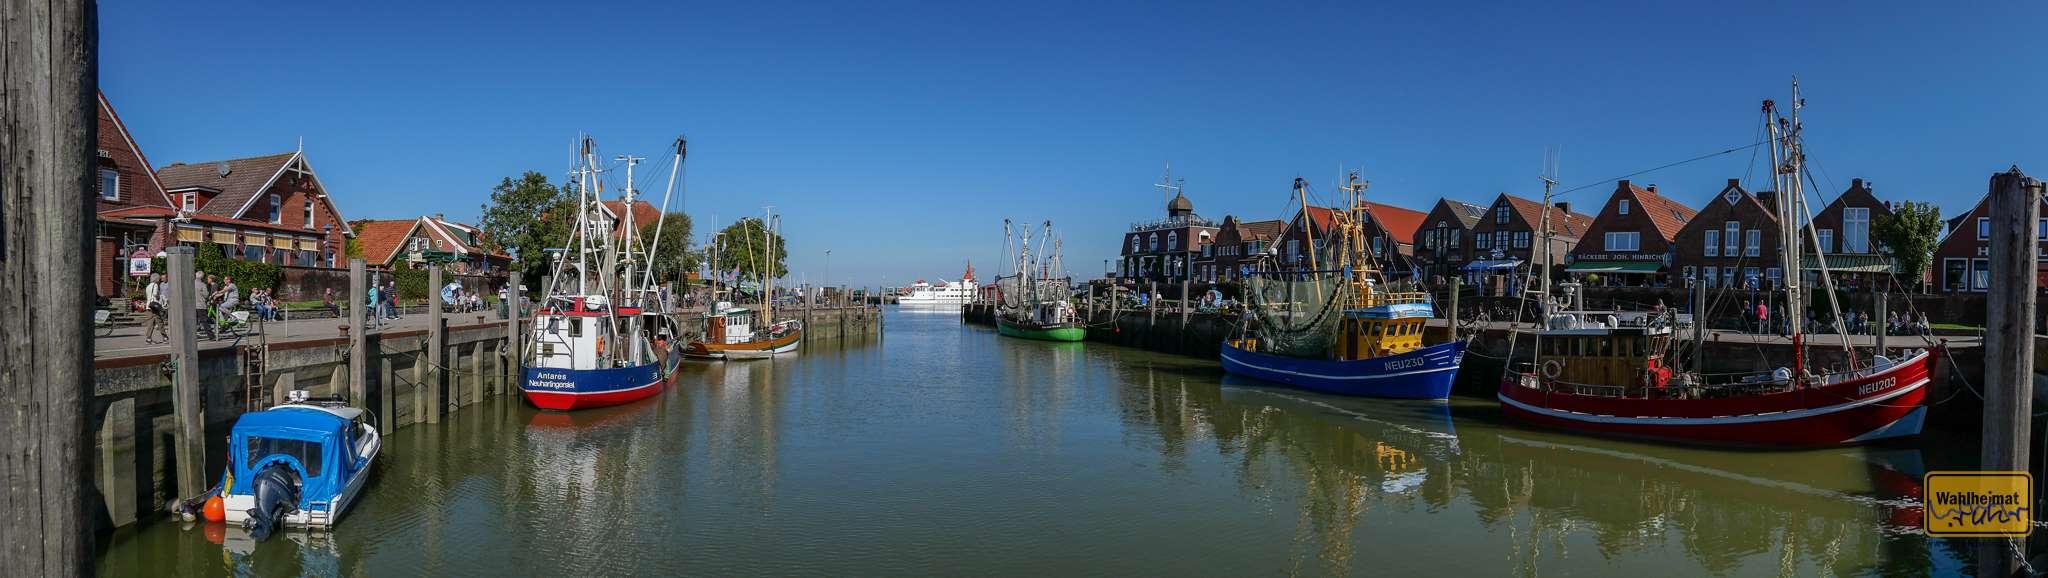 Malerisch: der Hafen Neuharlingersiel mit seinen bunten Schiffen.